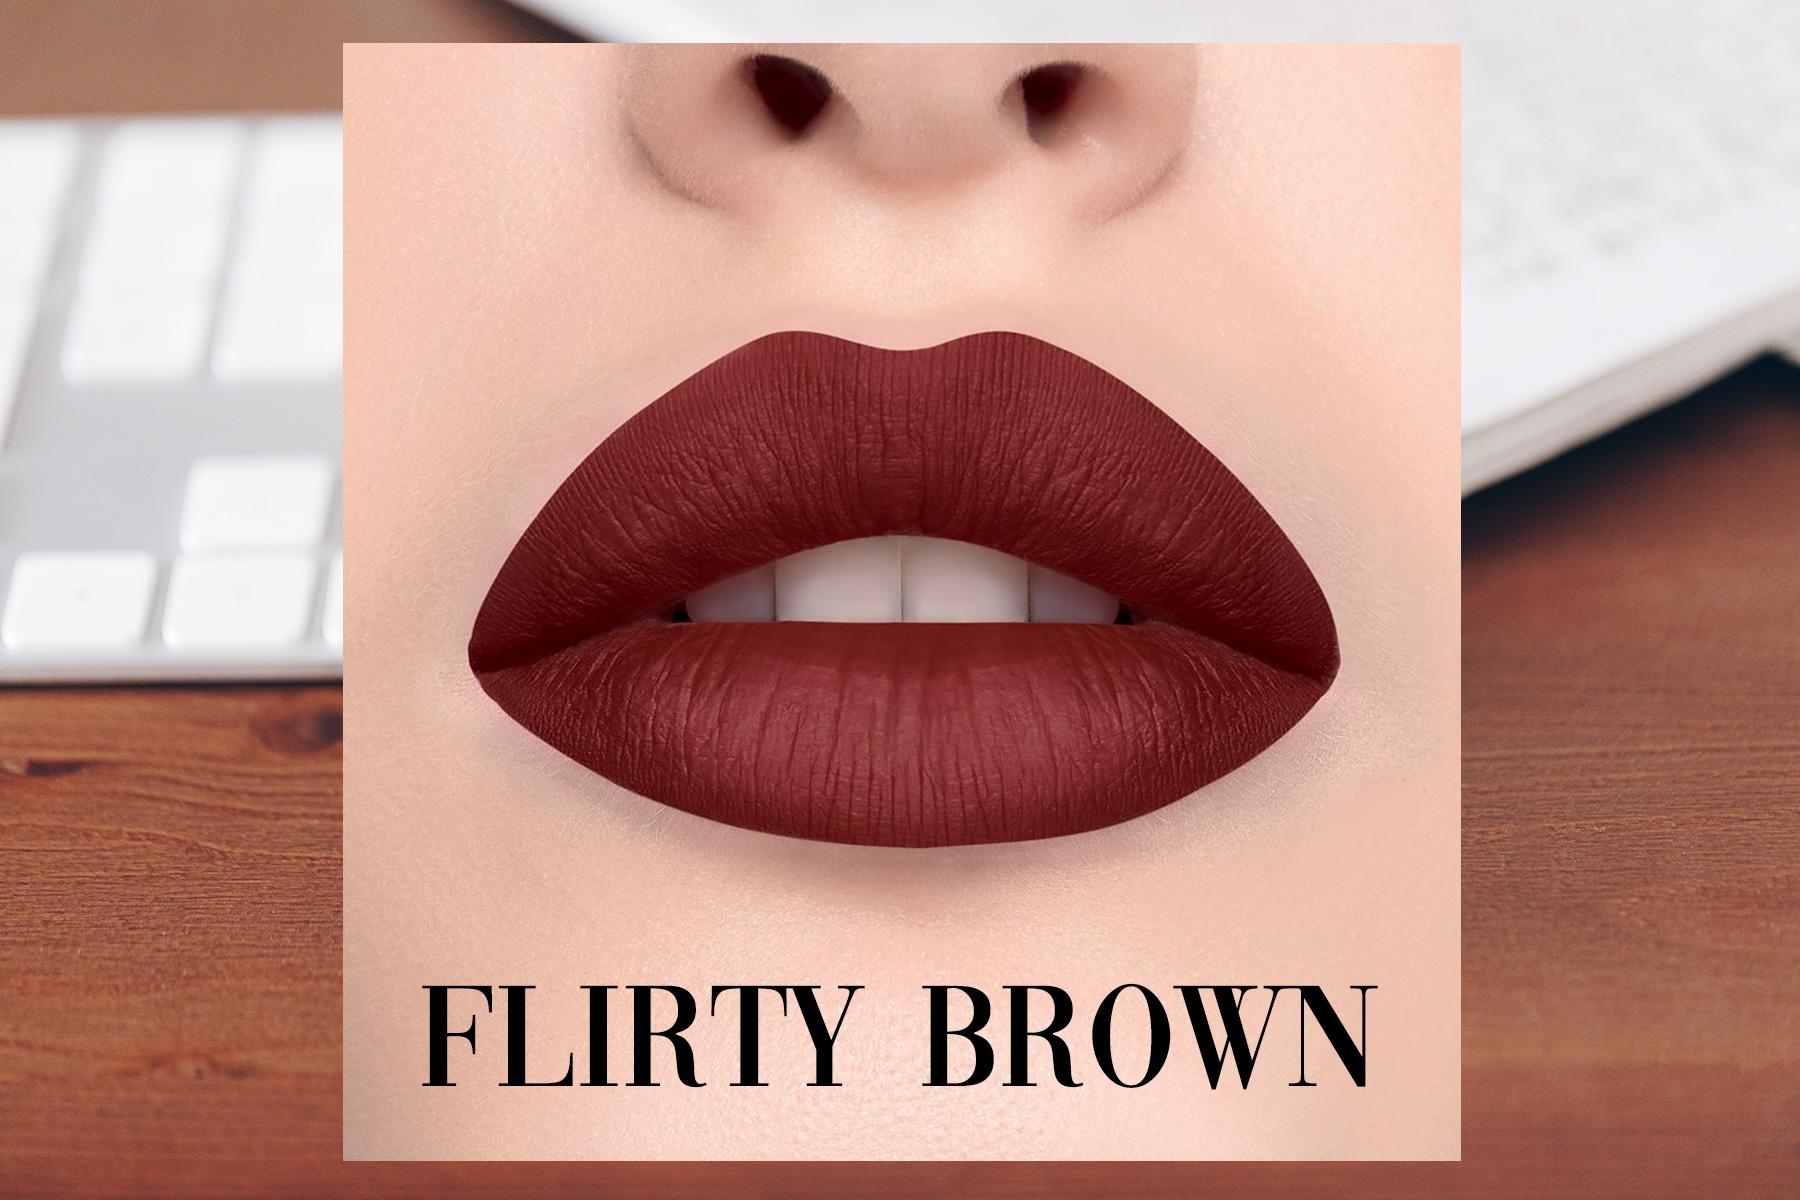 by-terry-lip-expert-matte-flirty-brown-swatch